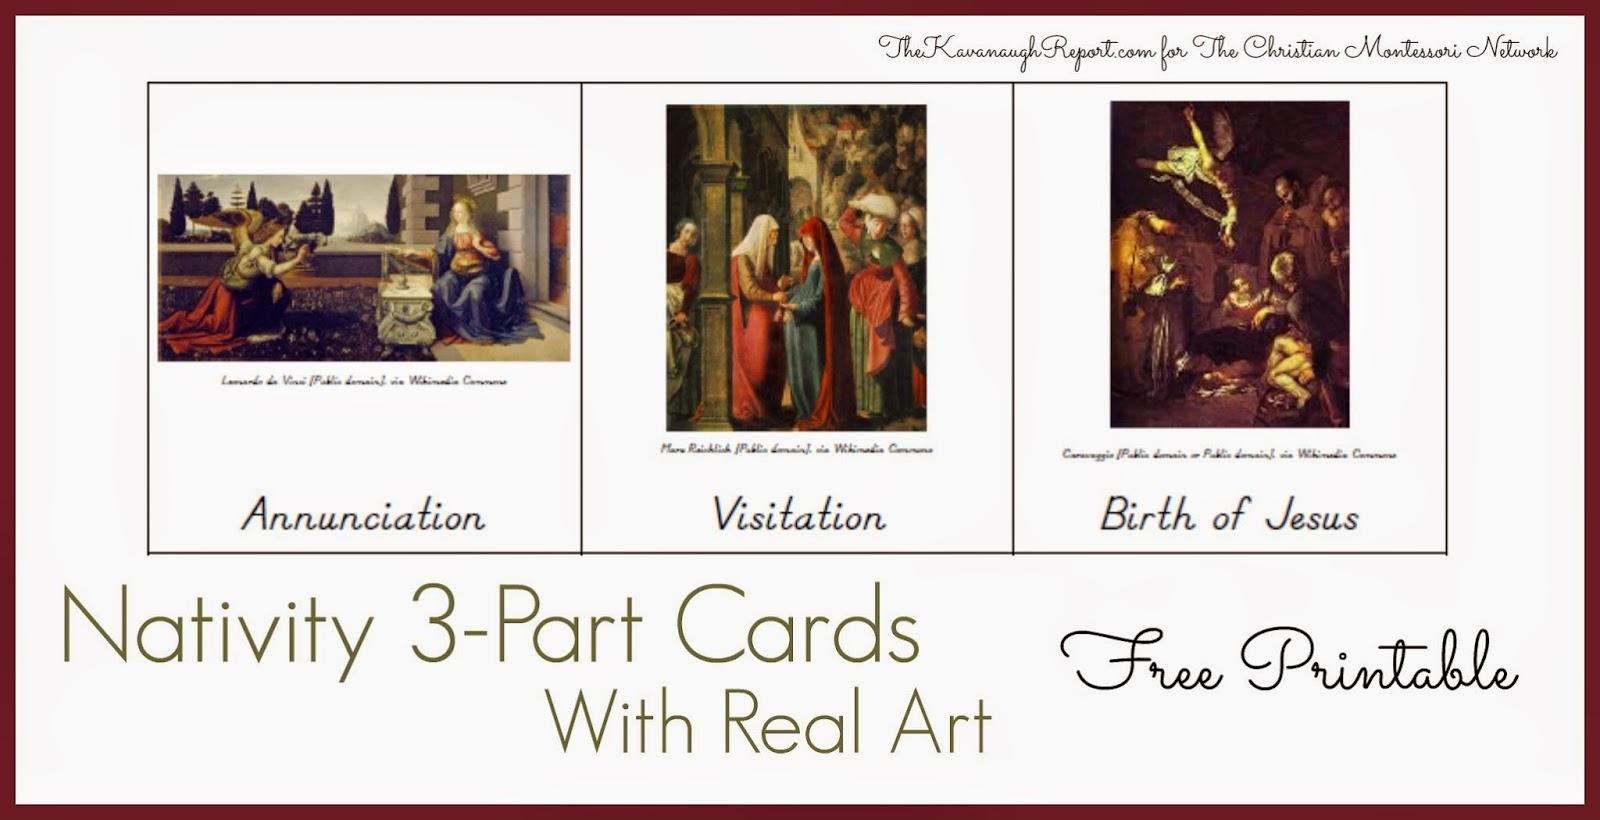 Montessori Nativity 3-part cards free printables. ChristianMontessoriNetwork.com